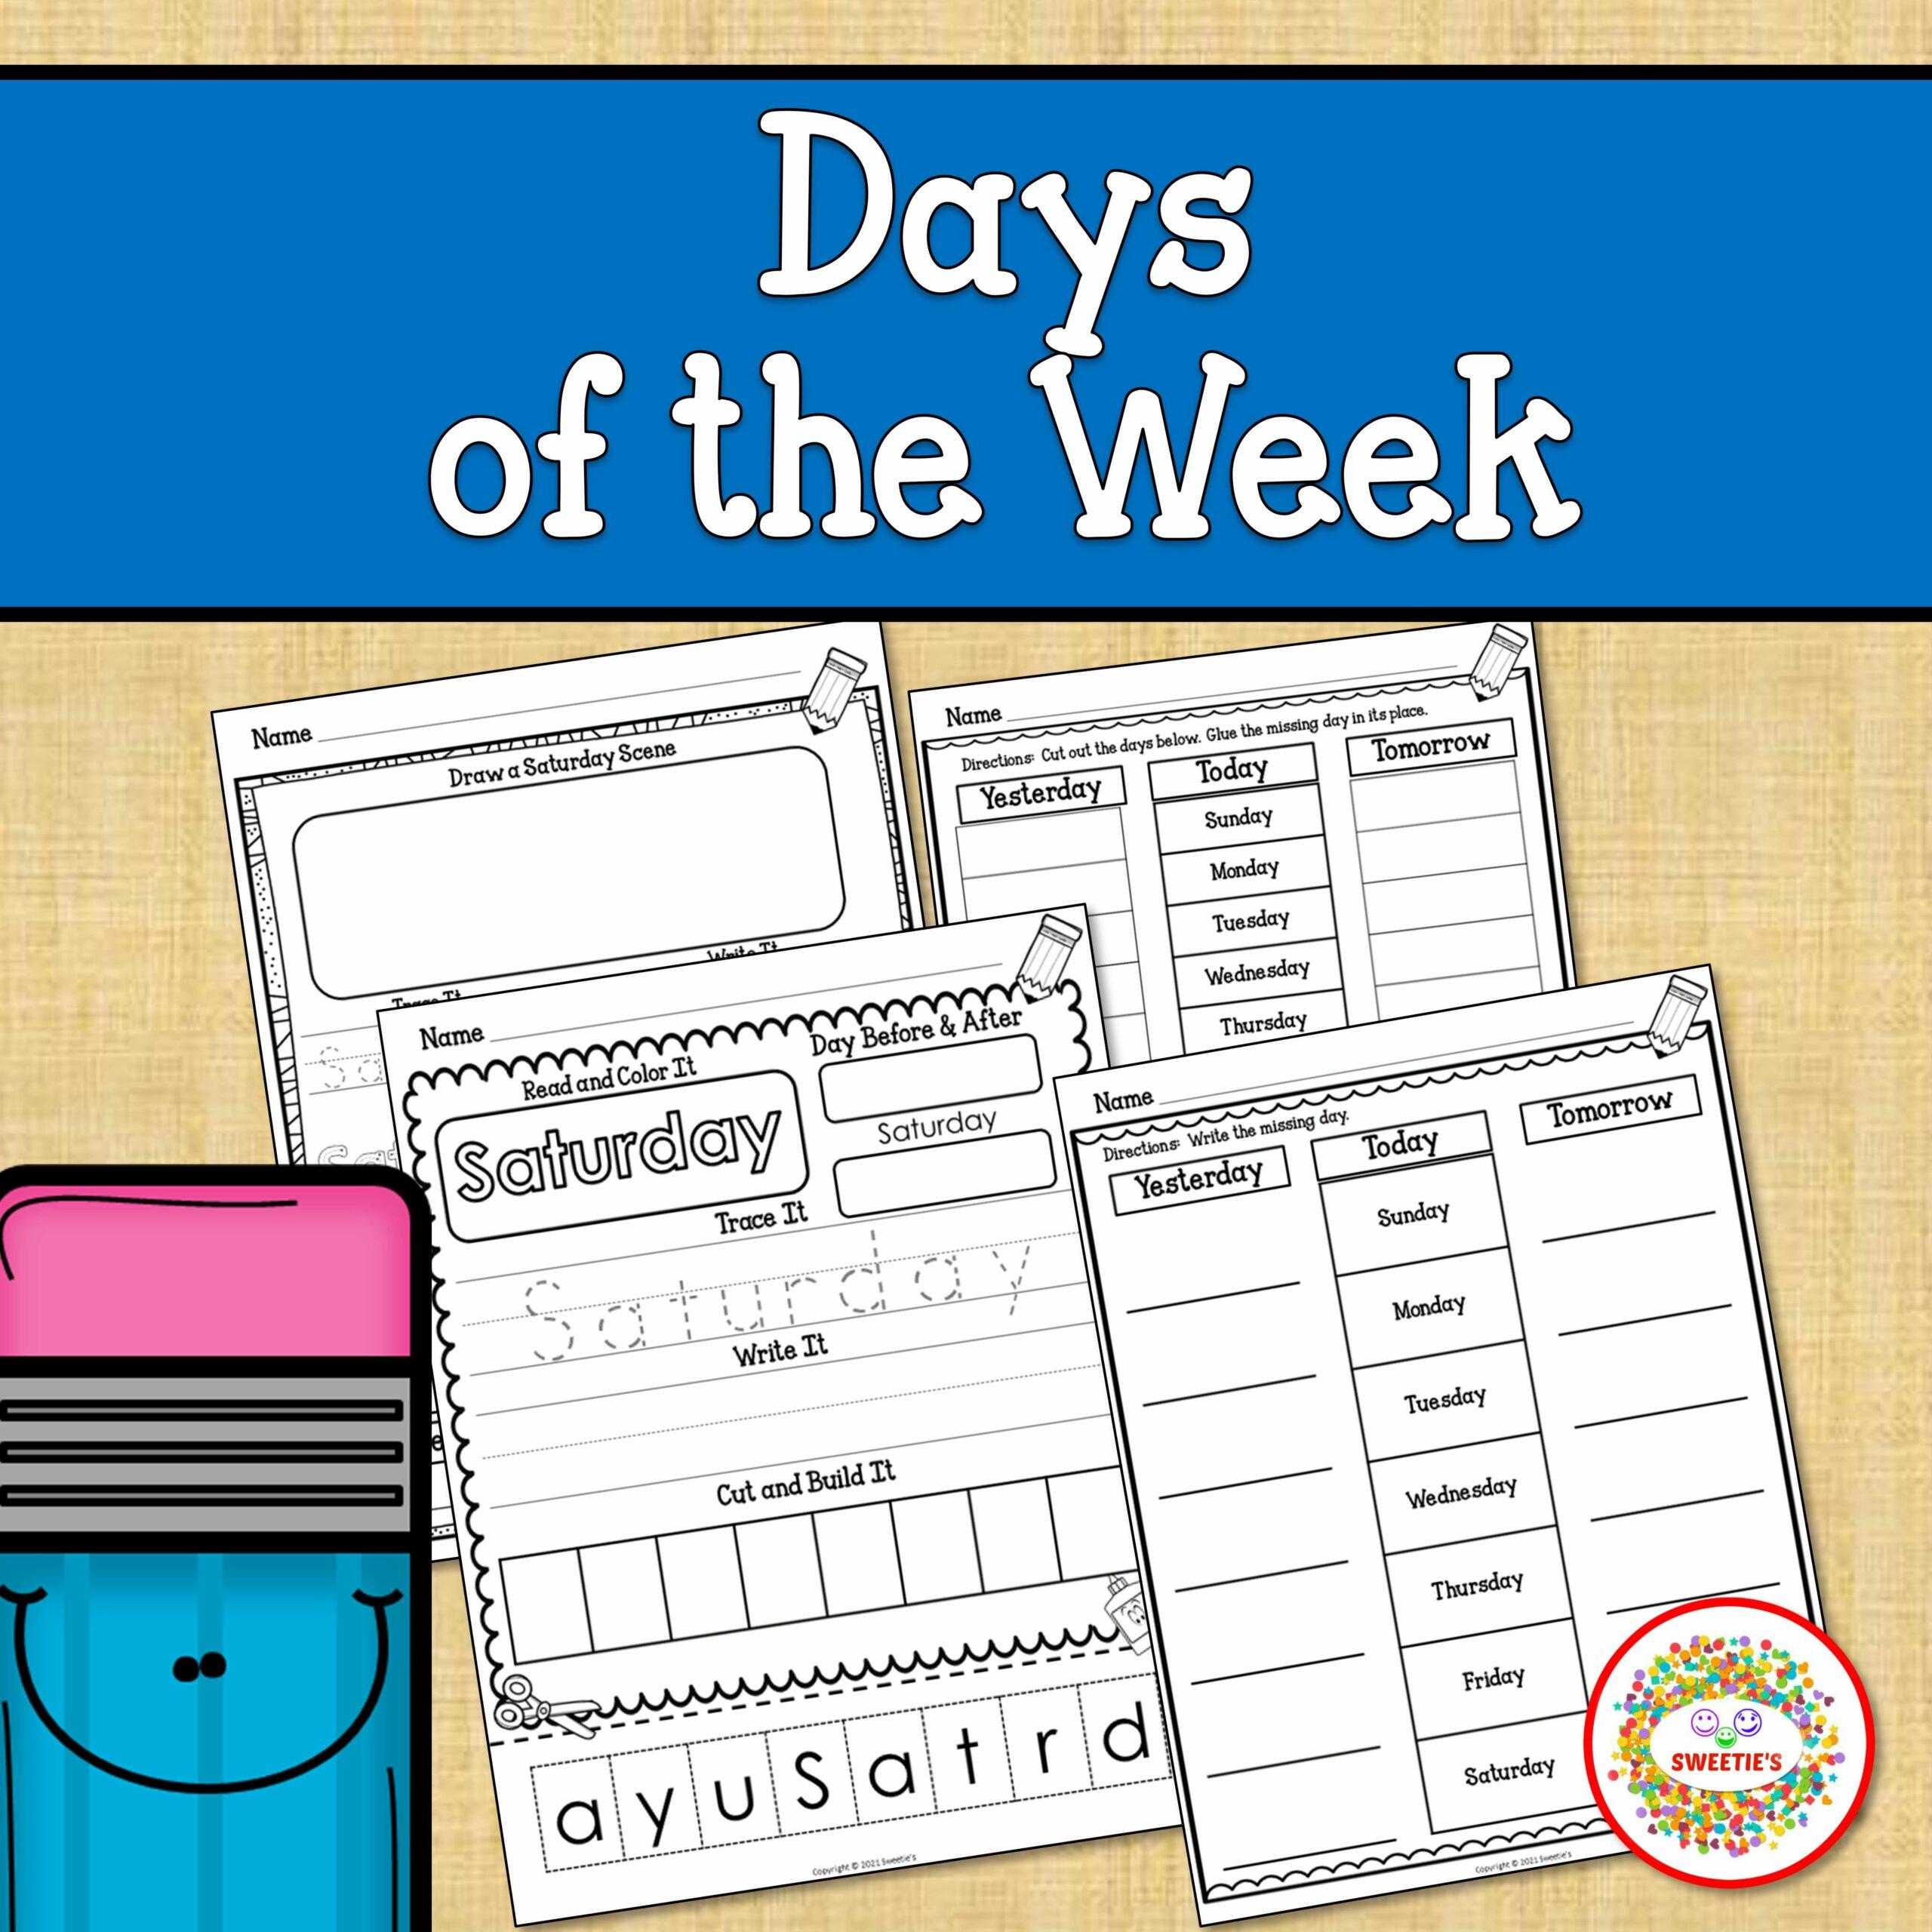 Days of the Week Worksheets Printable